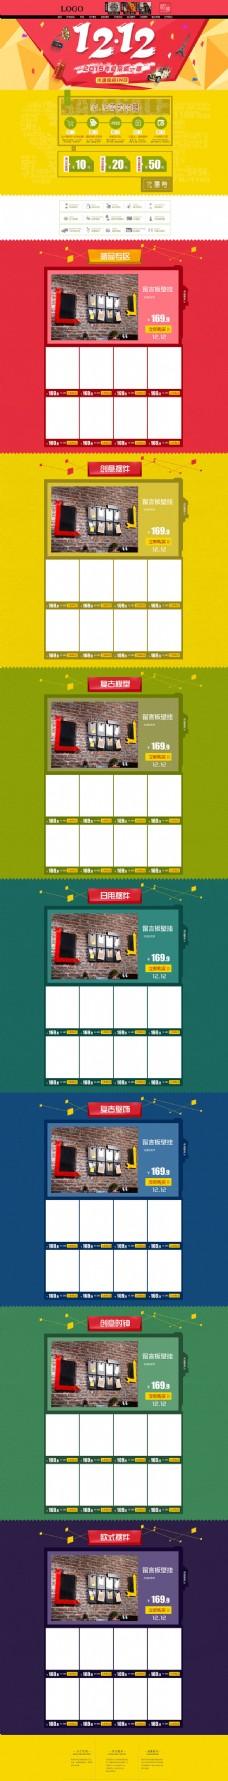 淘宝1212促销活动页面设计PSD素材